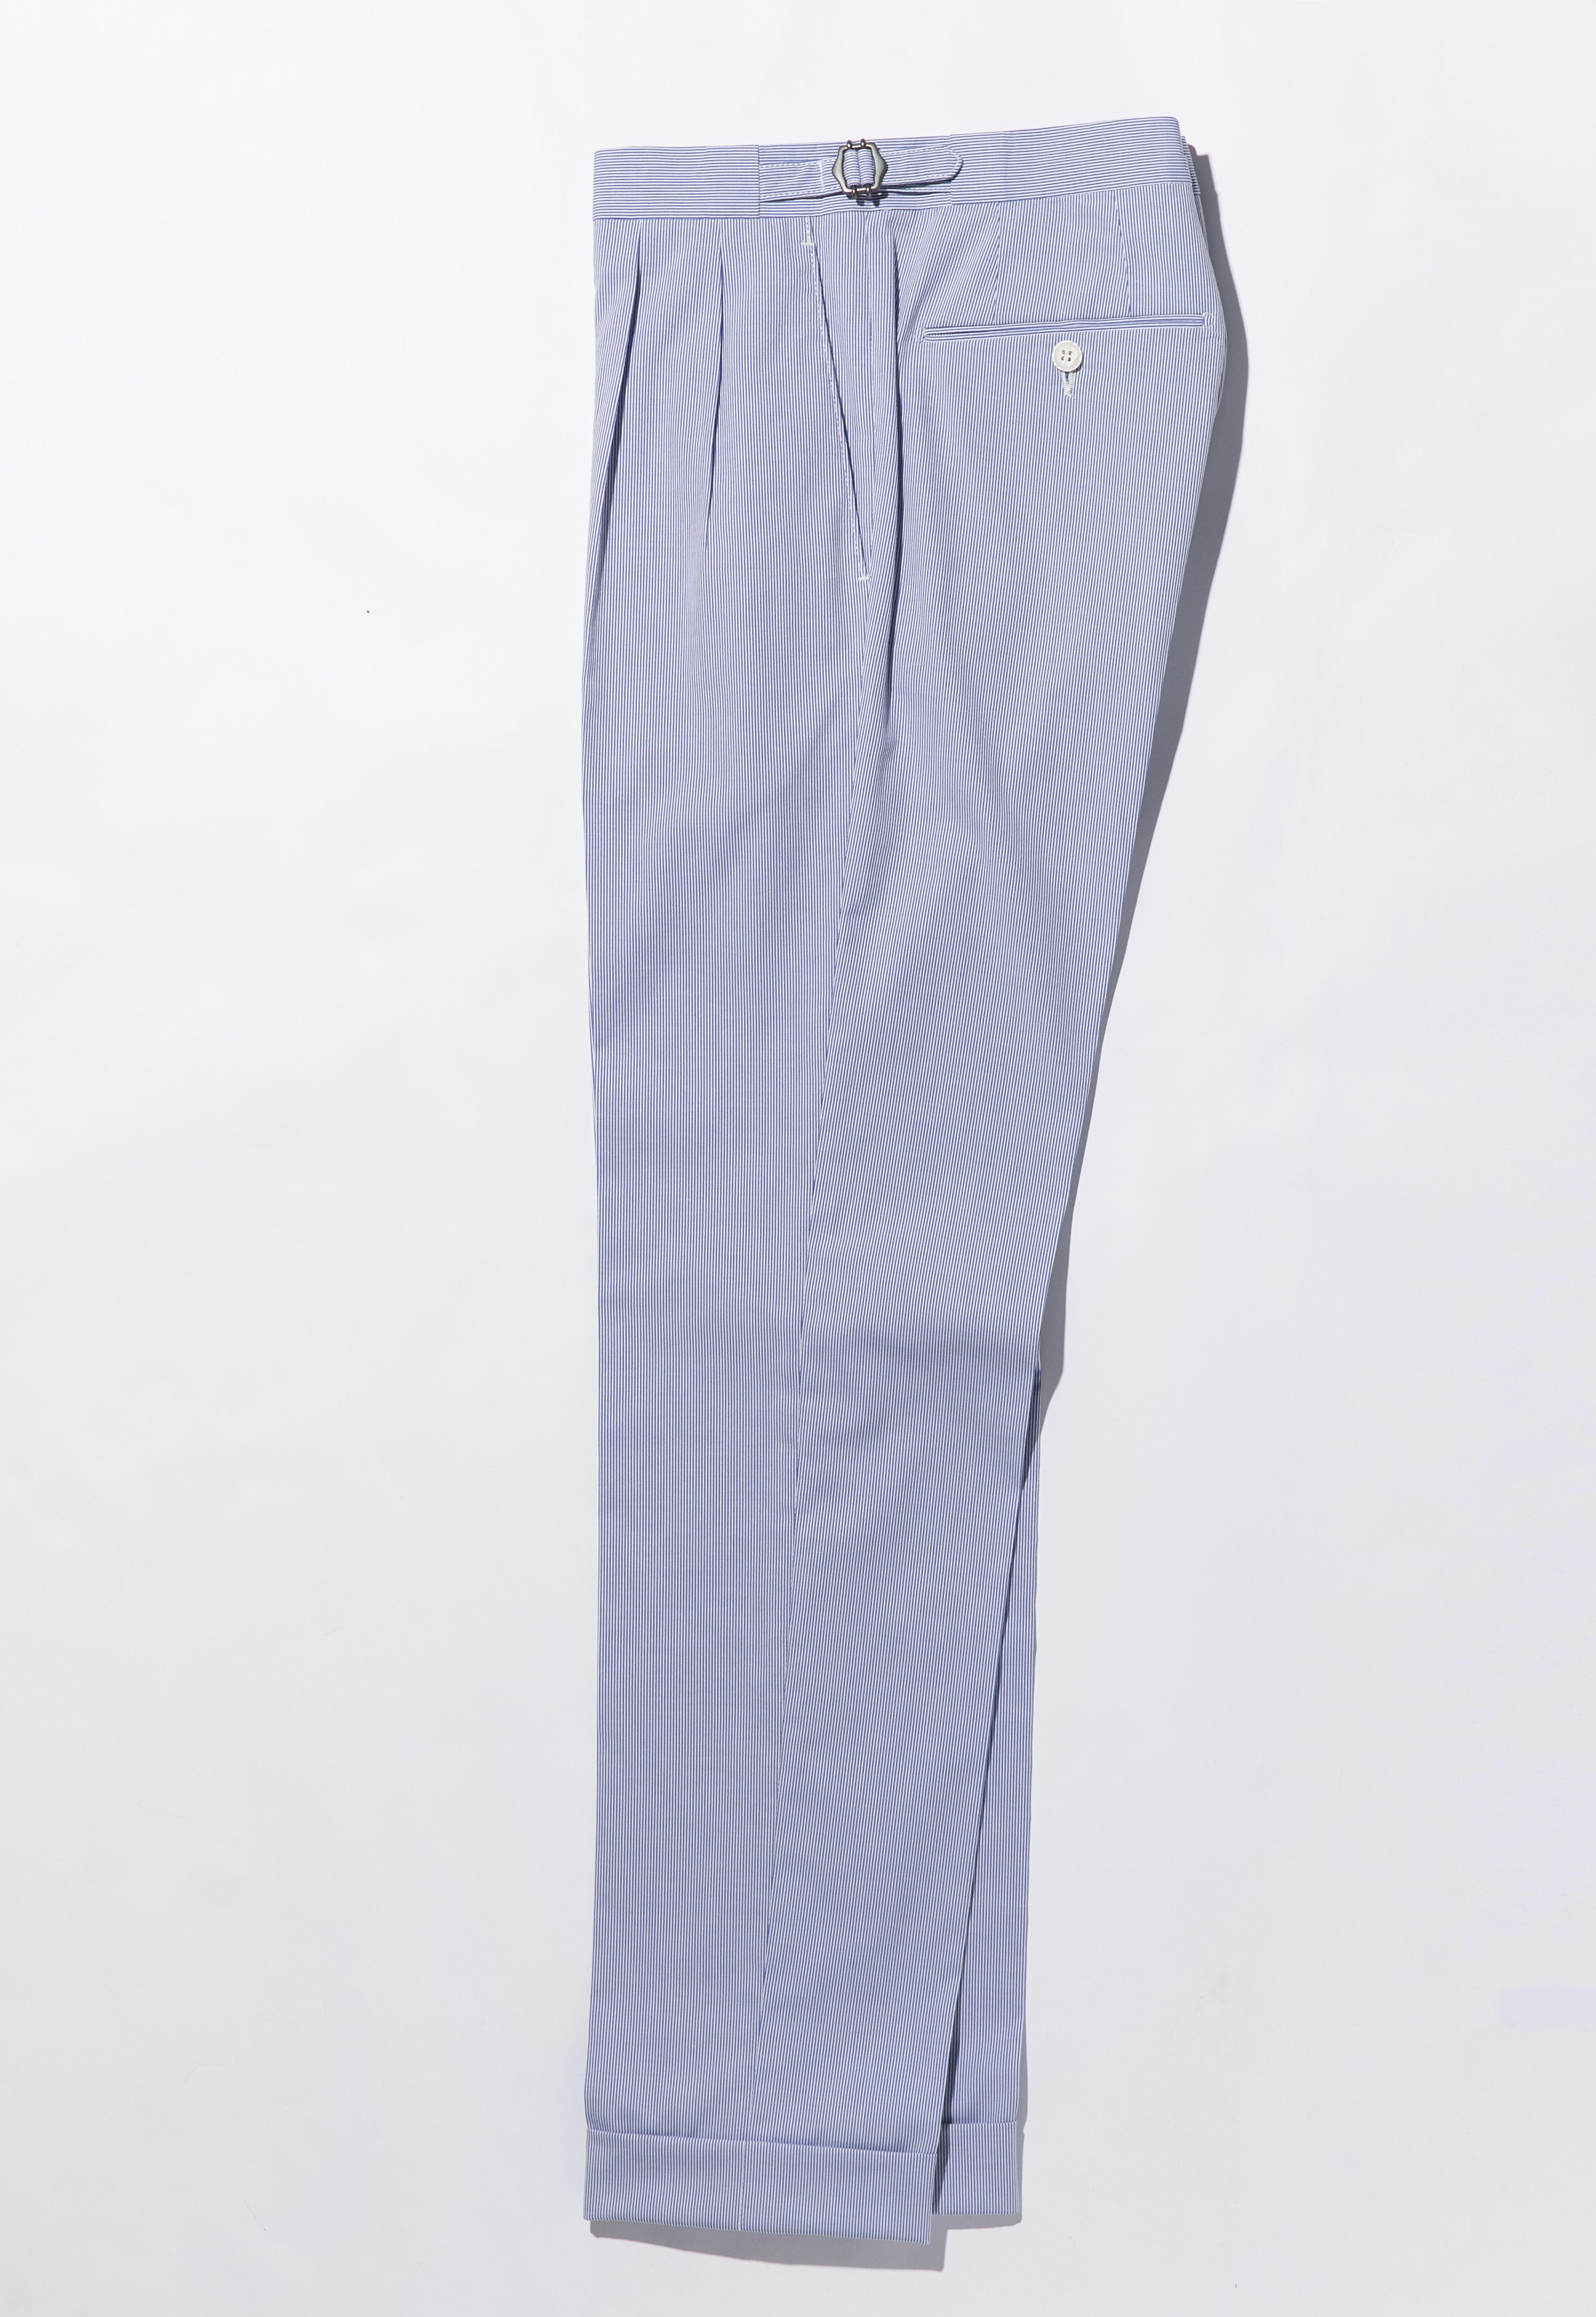 こちらはサイドアジャスターのベルトループなし、2プリーツ。休日のジャケットスタイルに最適。2万7000円 問:ビームス ハウス 丸の内 TEL:03-5220-8686